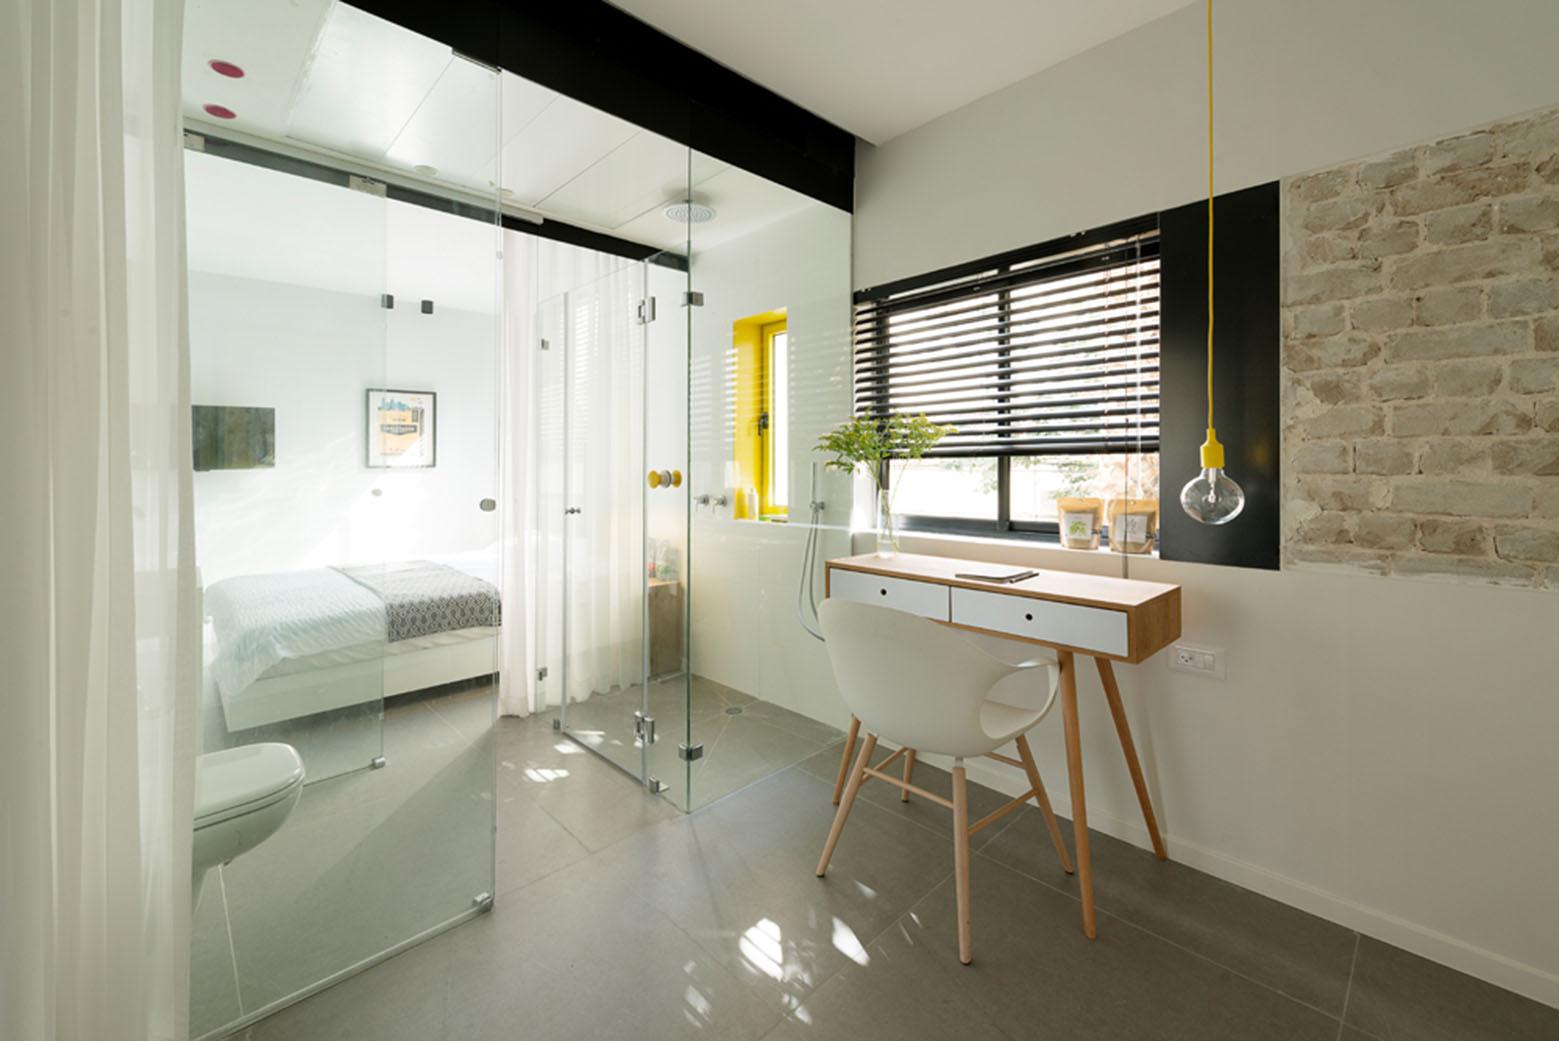 600 Square Feet 2 Bedroom Apartment Everdayentropy Com